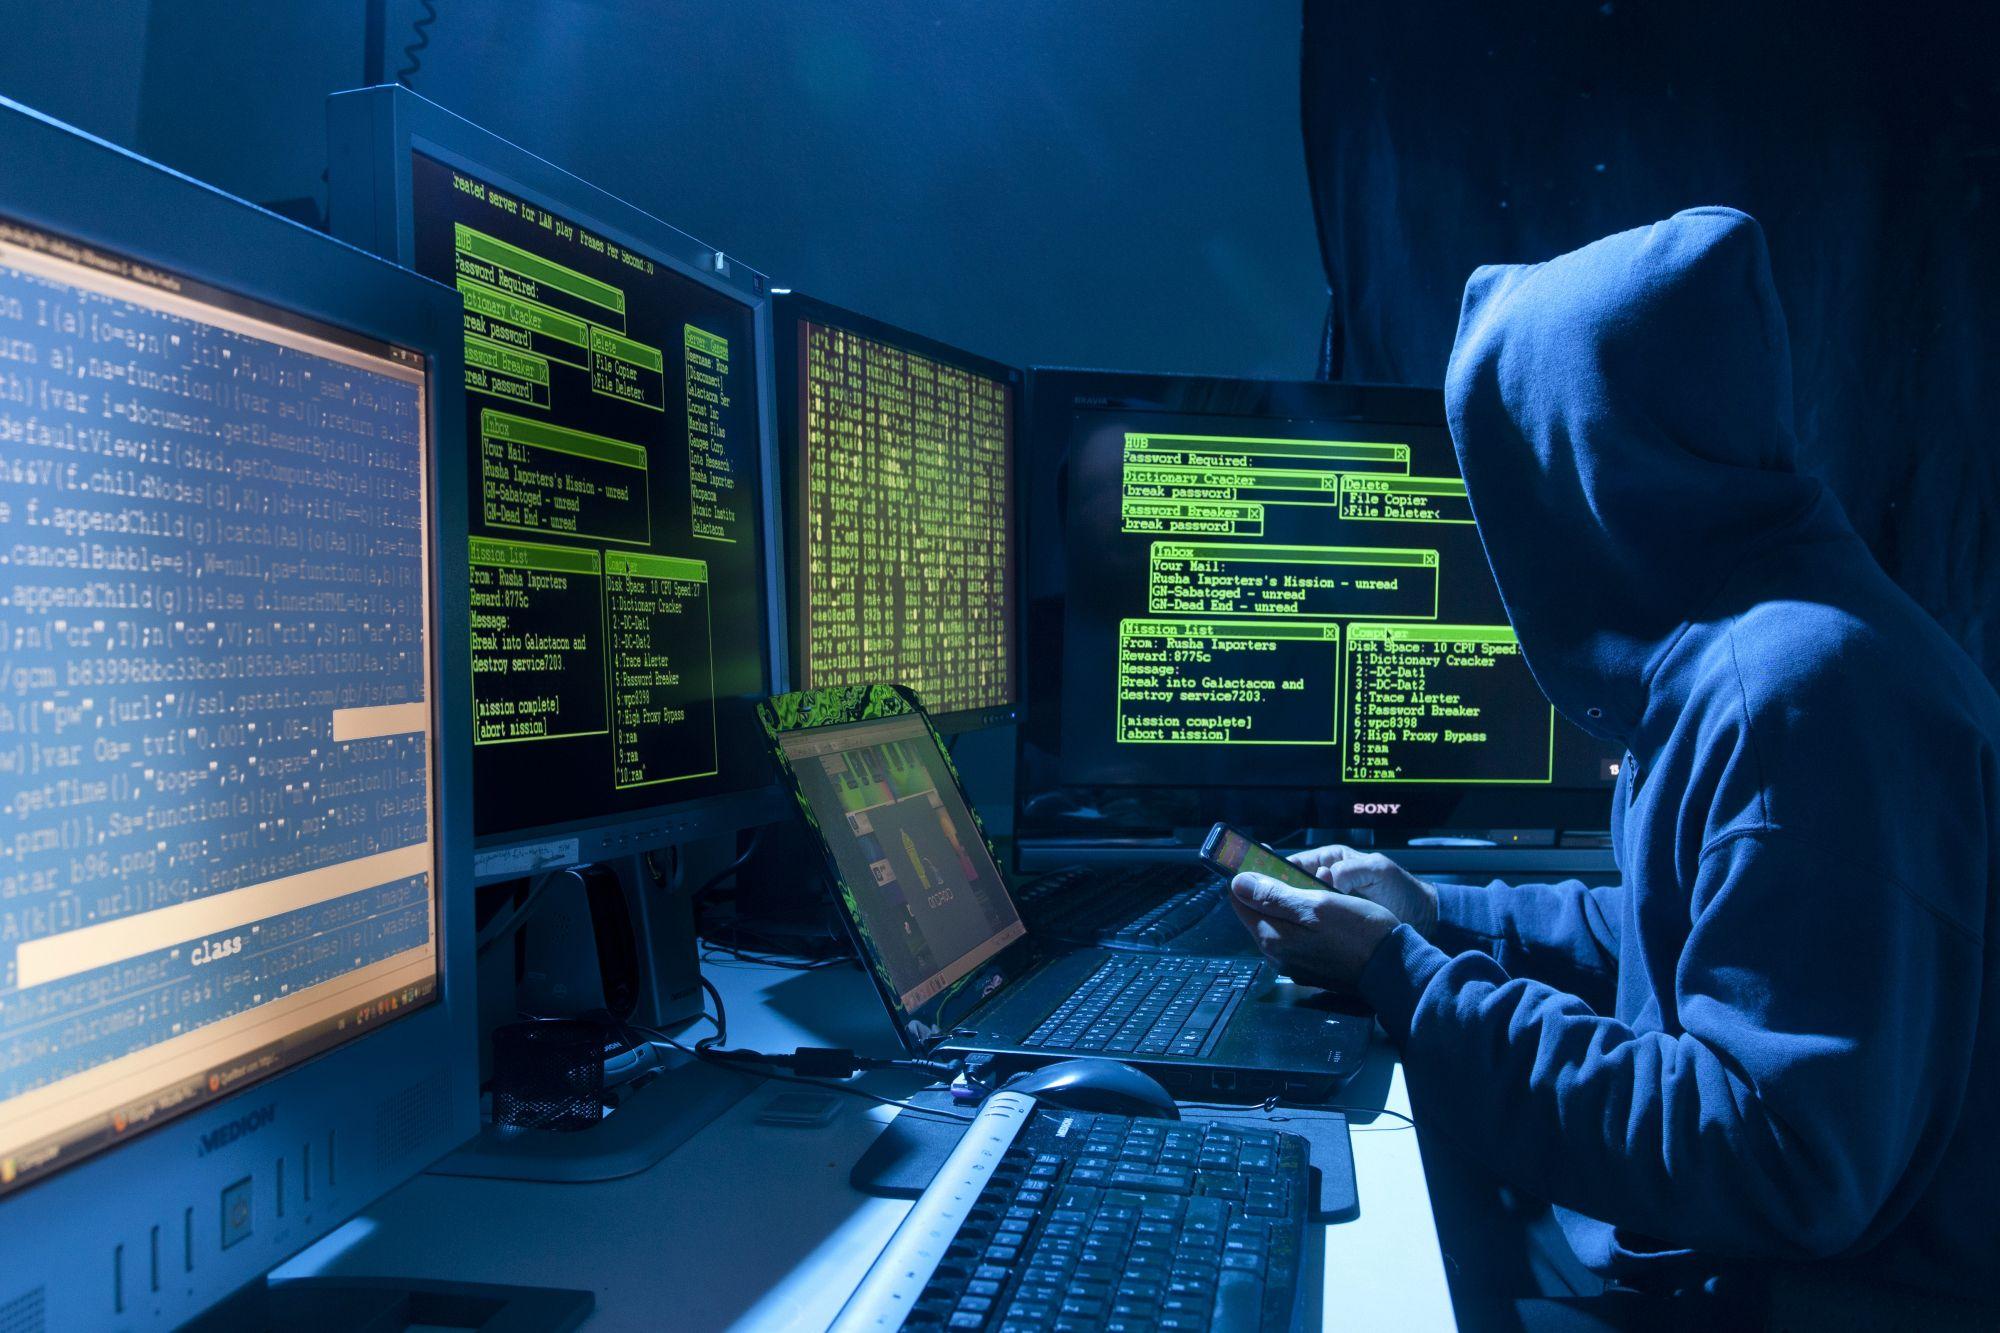 Российская киберопасность выросла вдвое